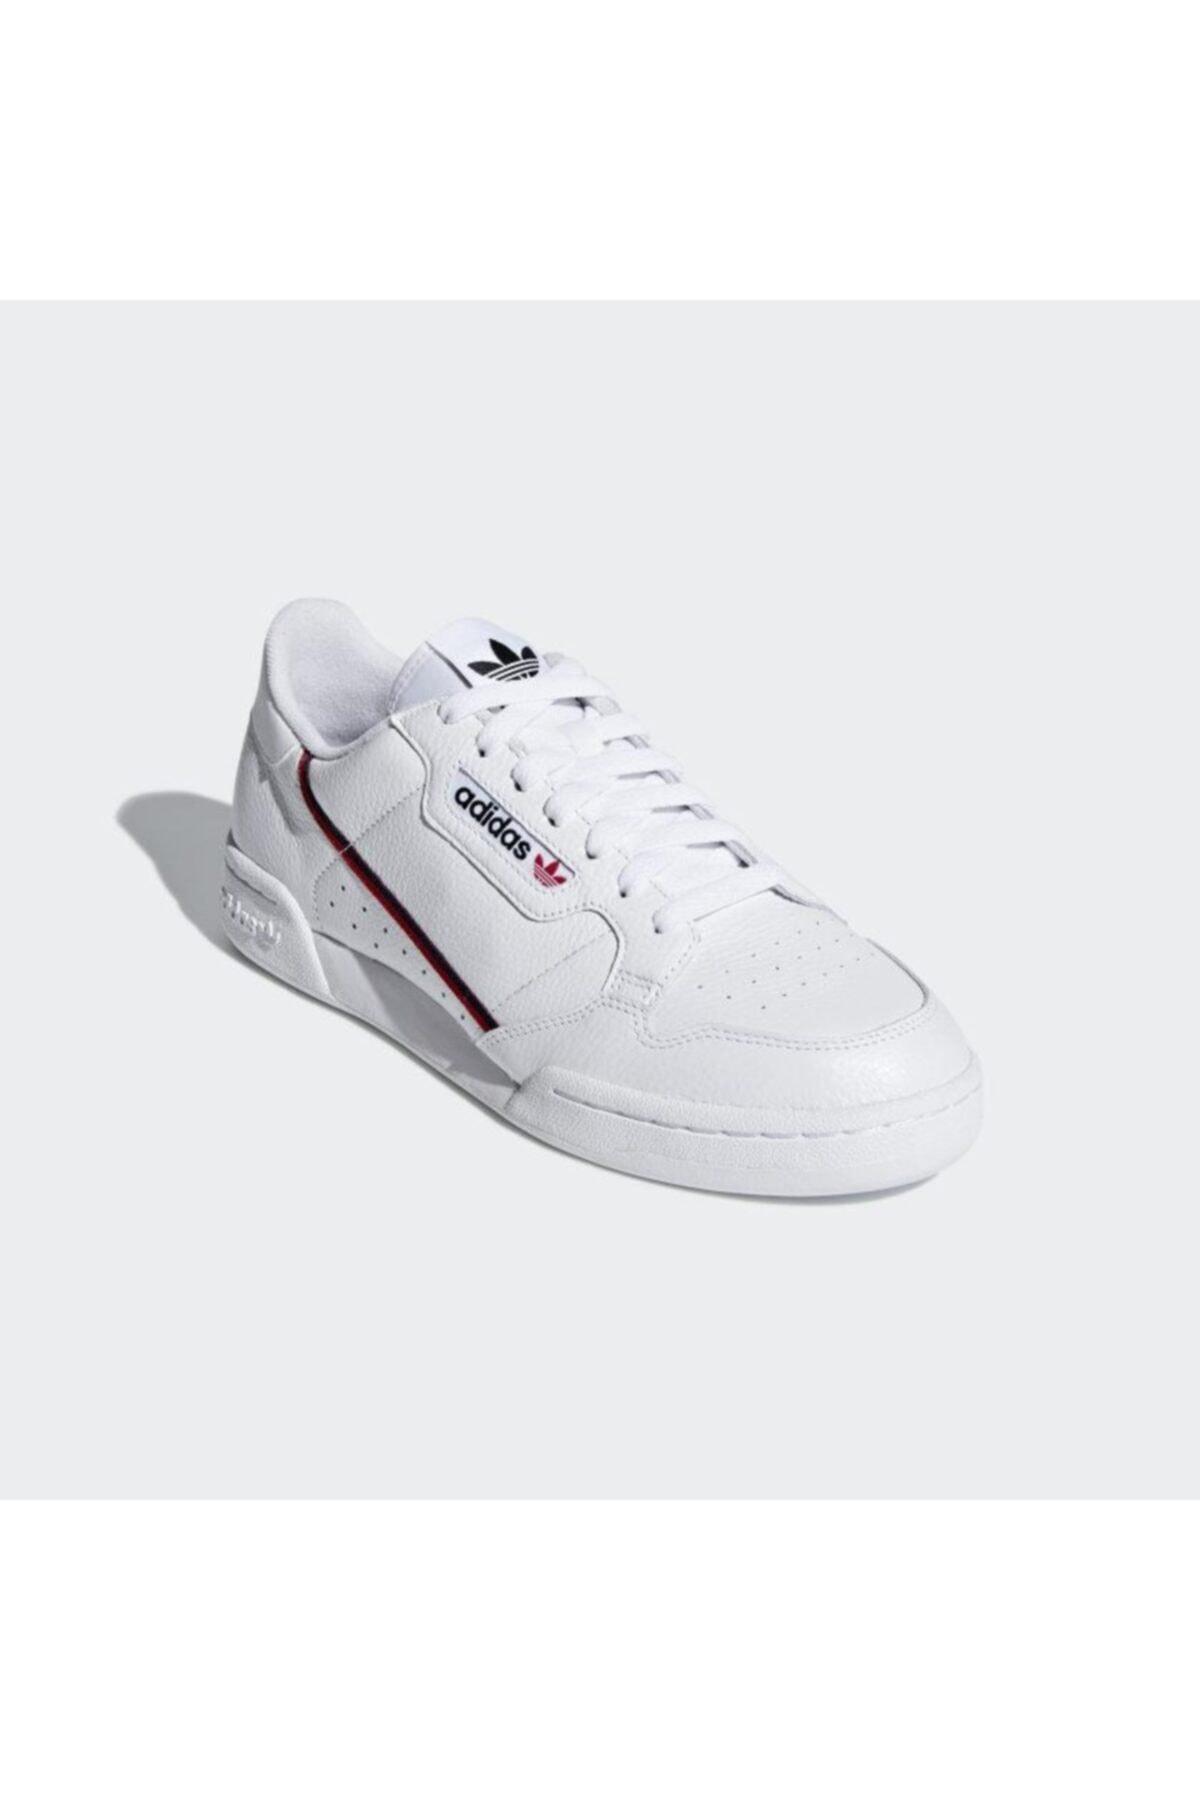 adidas Continental 80 Erkek Günlük Spor Ayakkabı - G27706 2